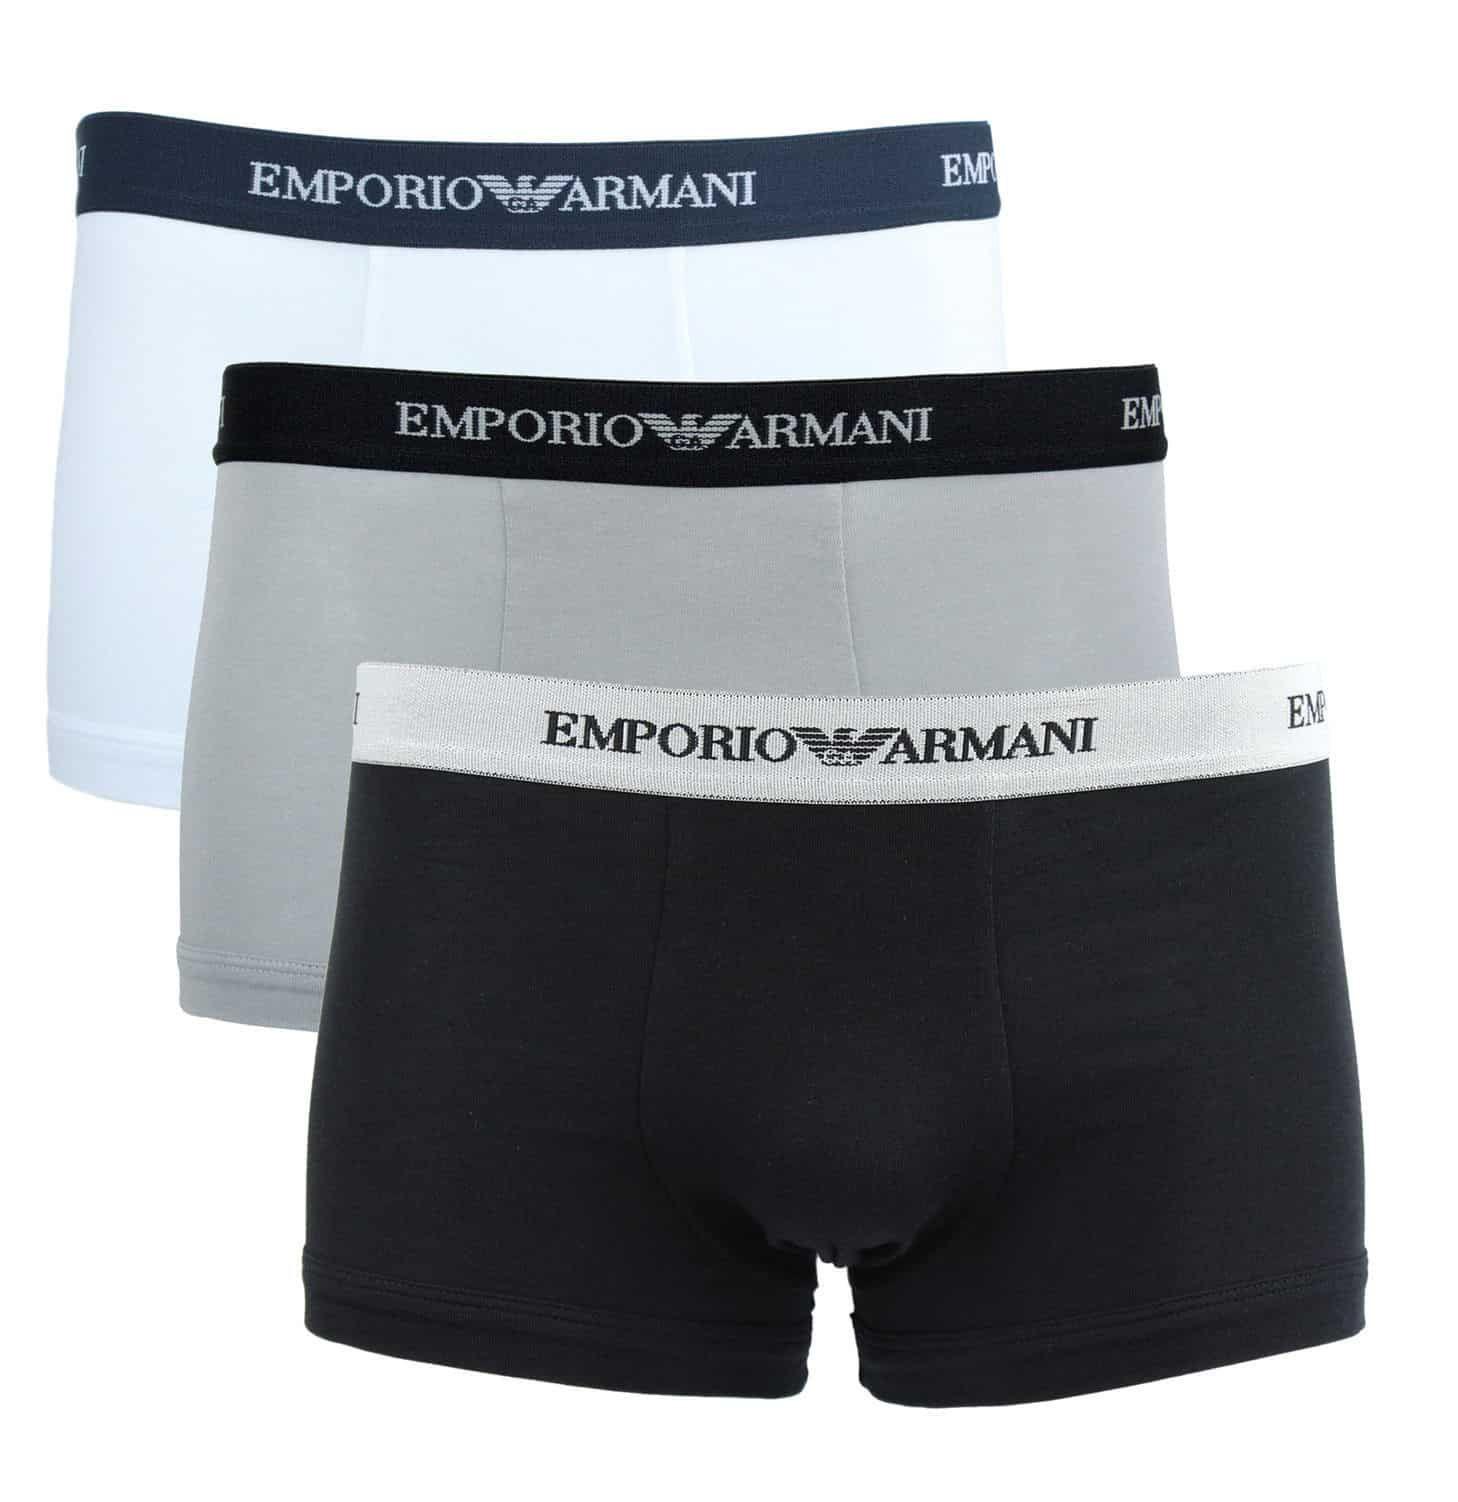 Emporio Armani – CC717-111357 – Wit Designeritems.nl